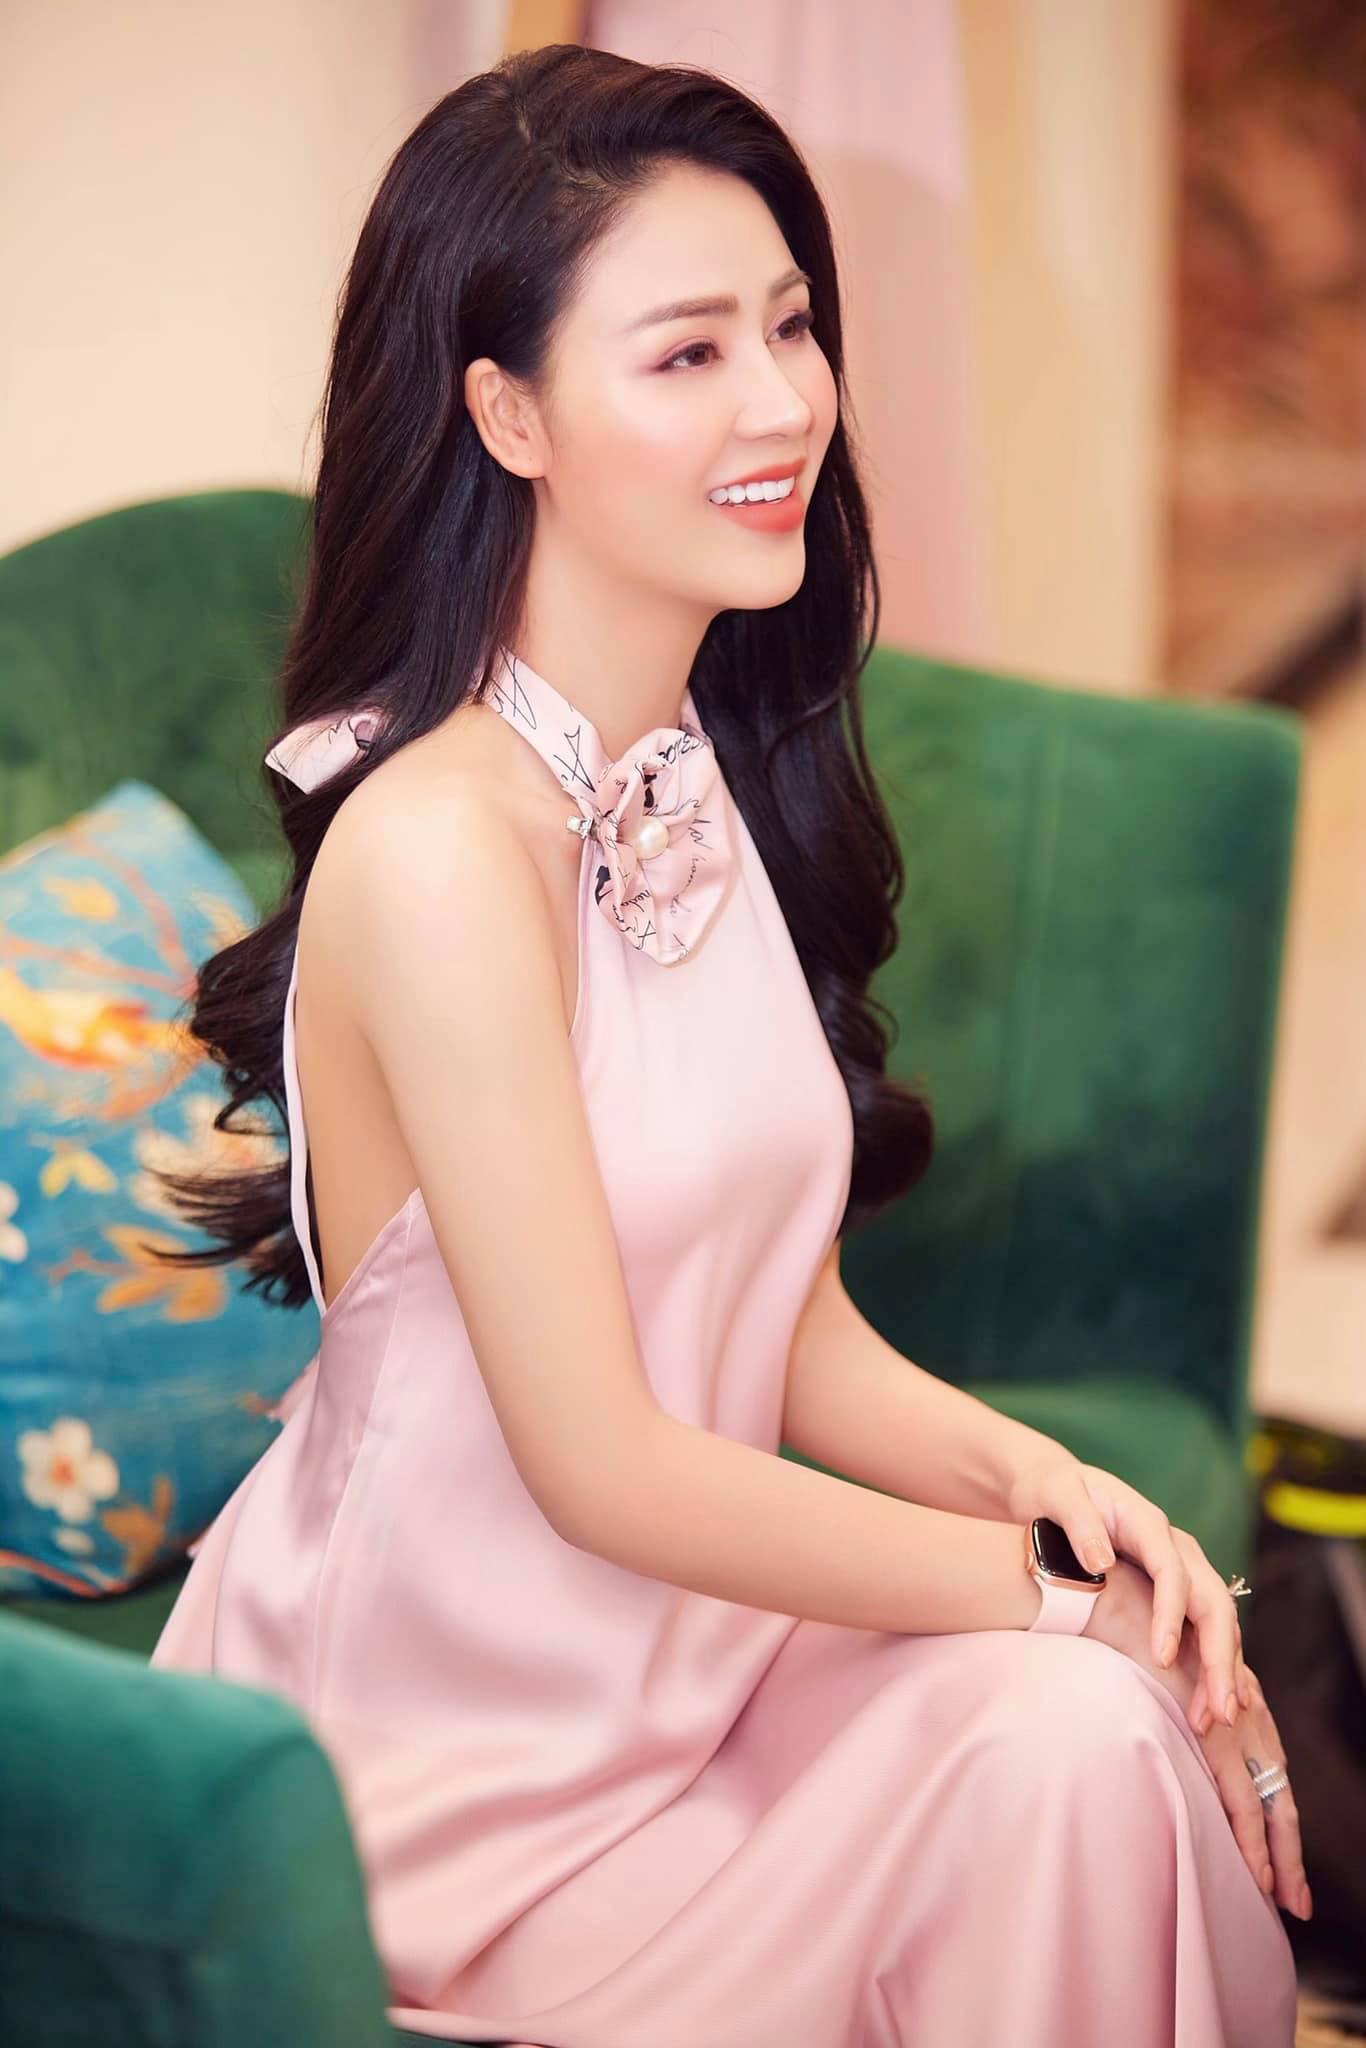 7 Hình ảnh Kelly Hu đẹp nhất | Diễn viên